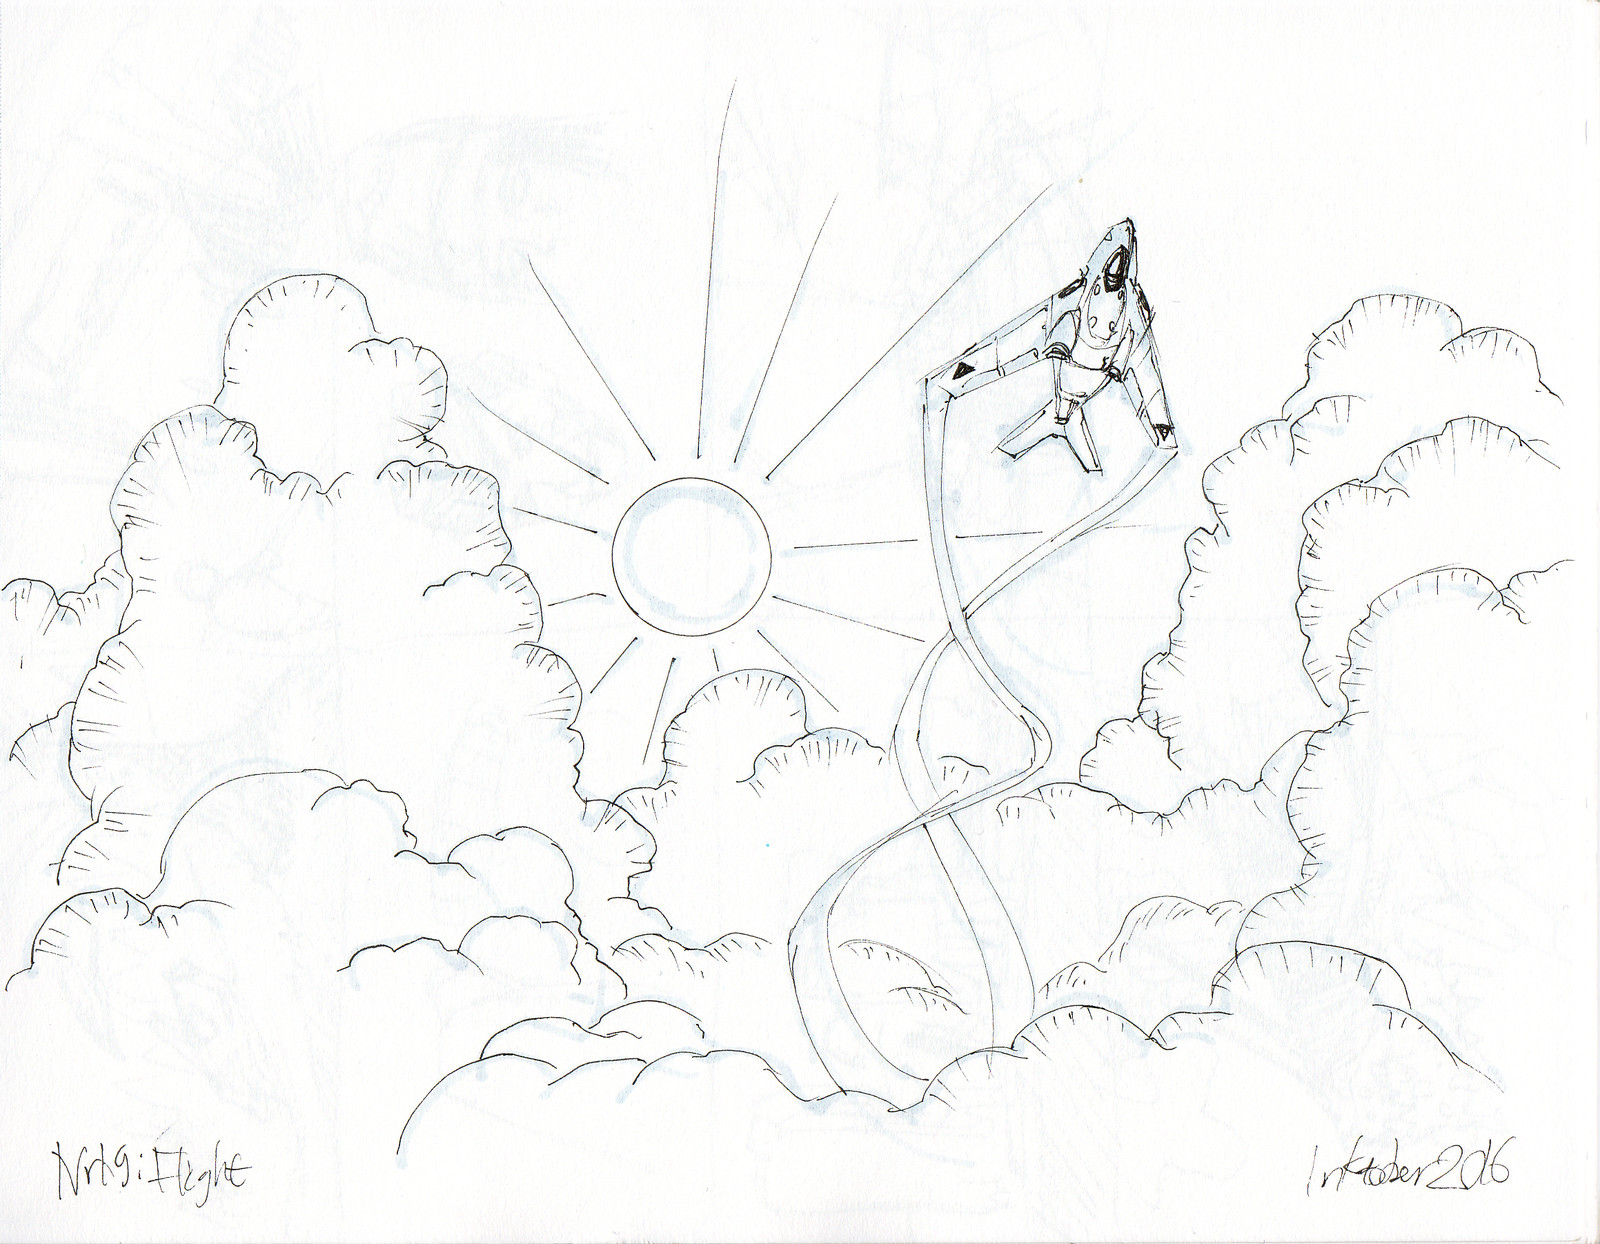 19: Flight